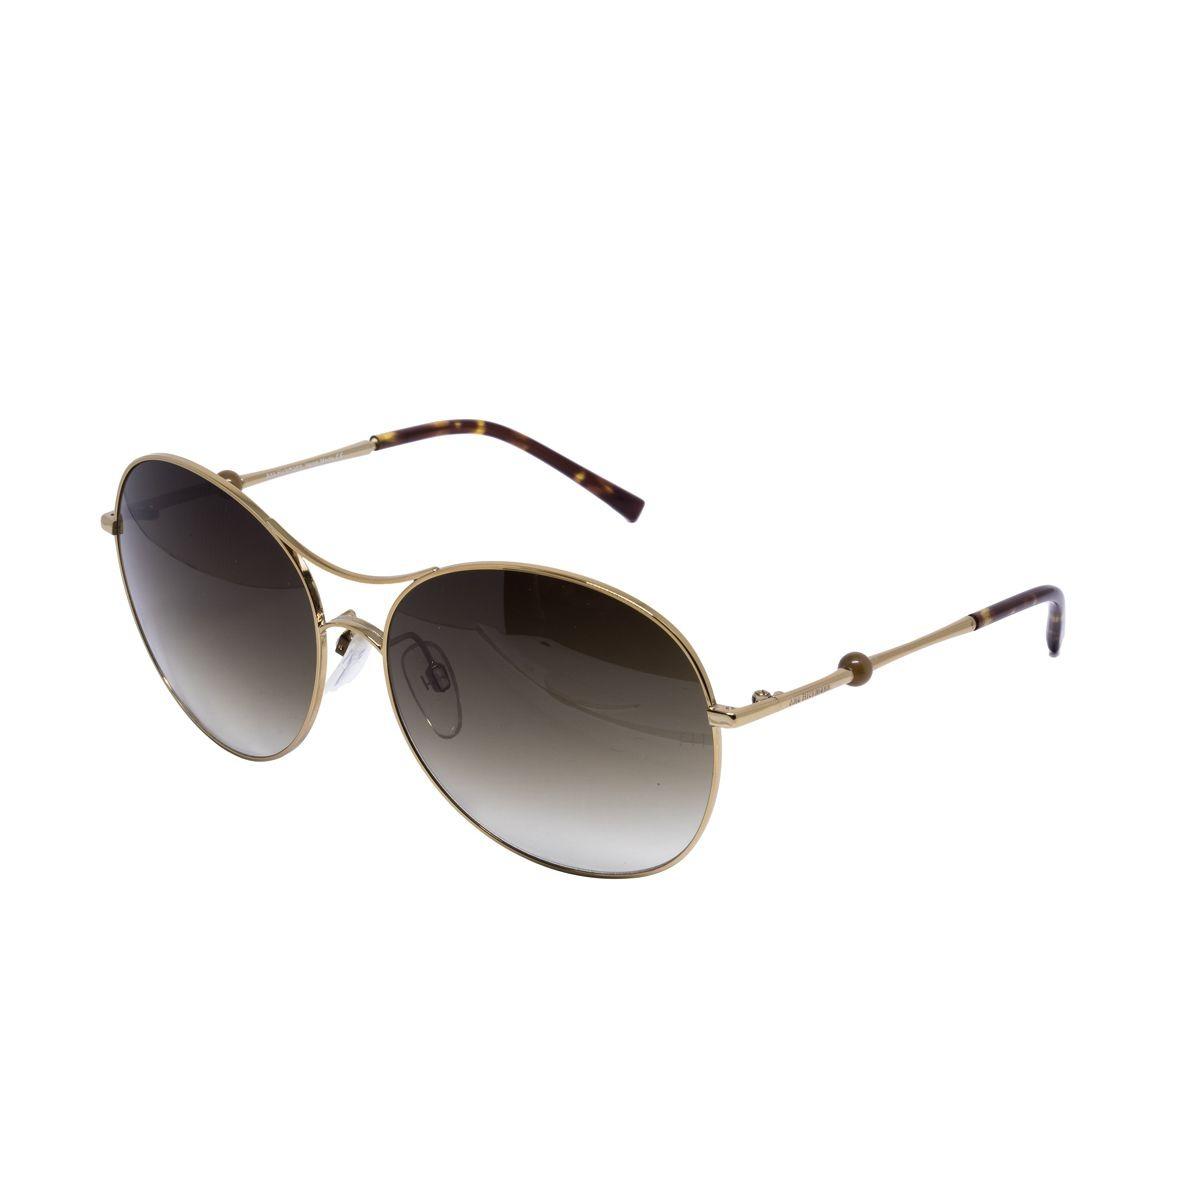 Óculos De Sol Ana Hickmann Original Ah3128 - R  225,00 em Mercado Livre 1ad7ee6e57